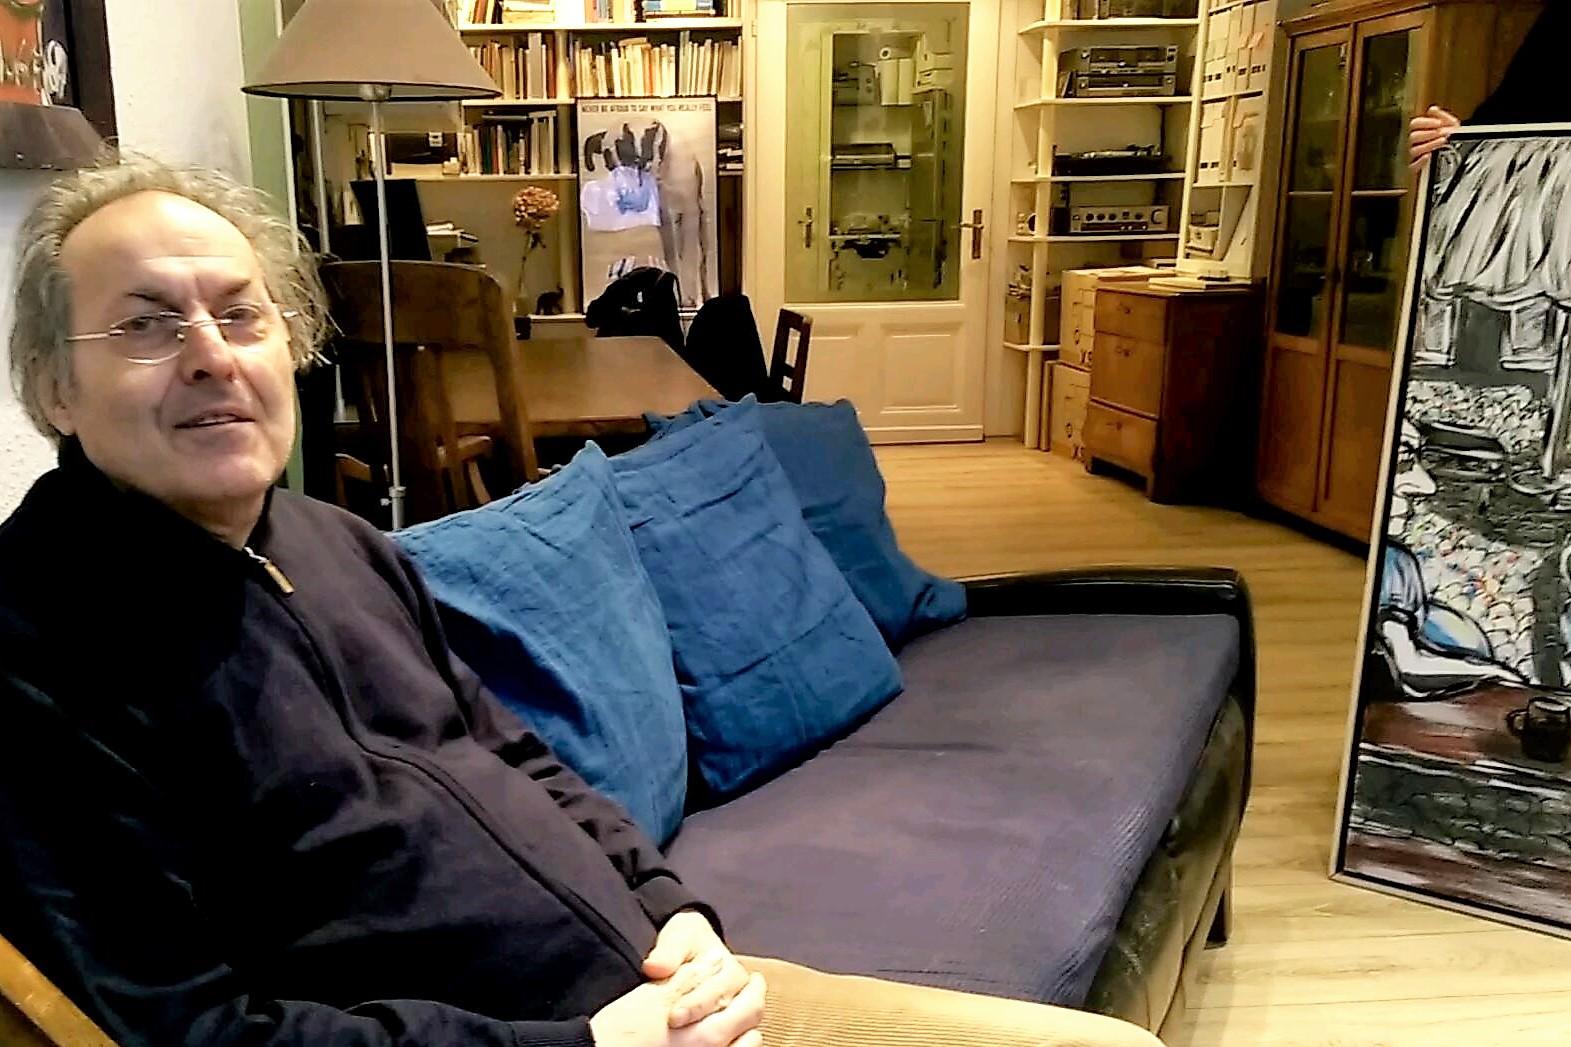 eier brauerei vision res kunstwerk von gerhard krausekrause wieder in m lheim kunststadt. Black Bedroom Furniture Sets. Home Design Ideas